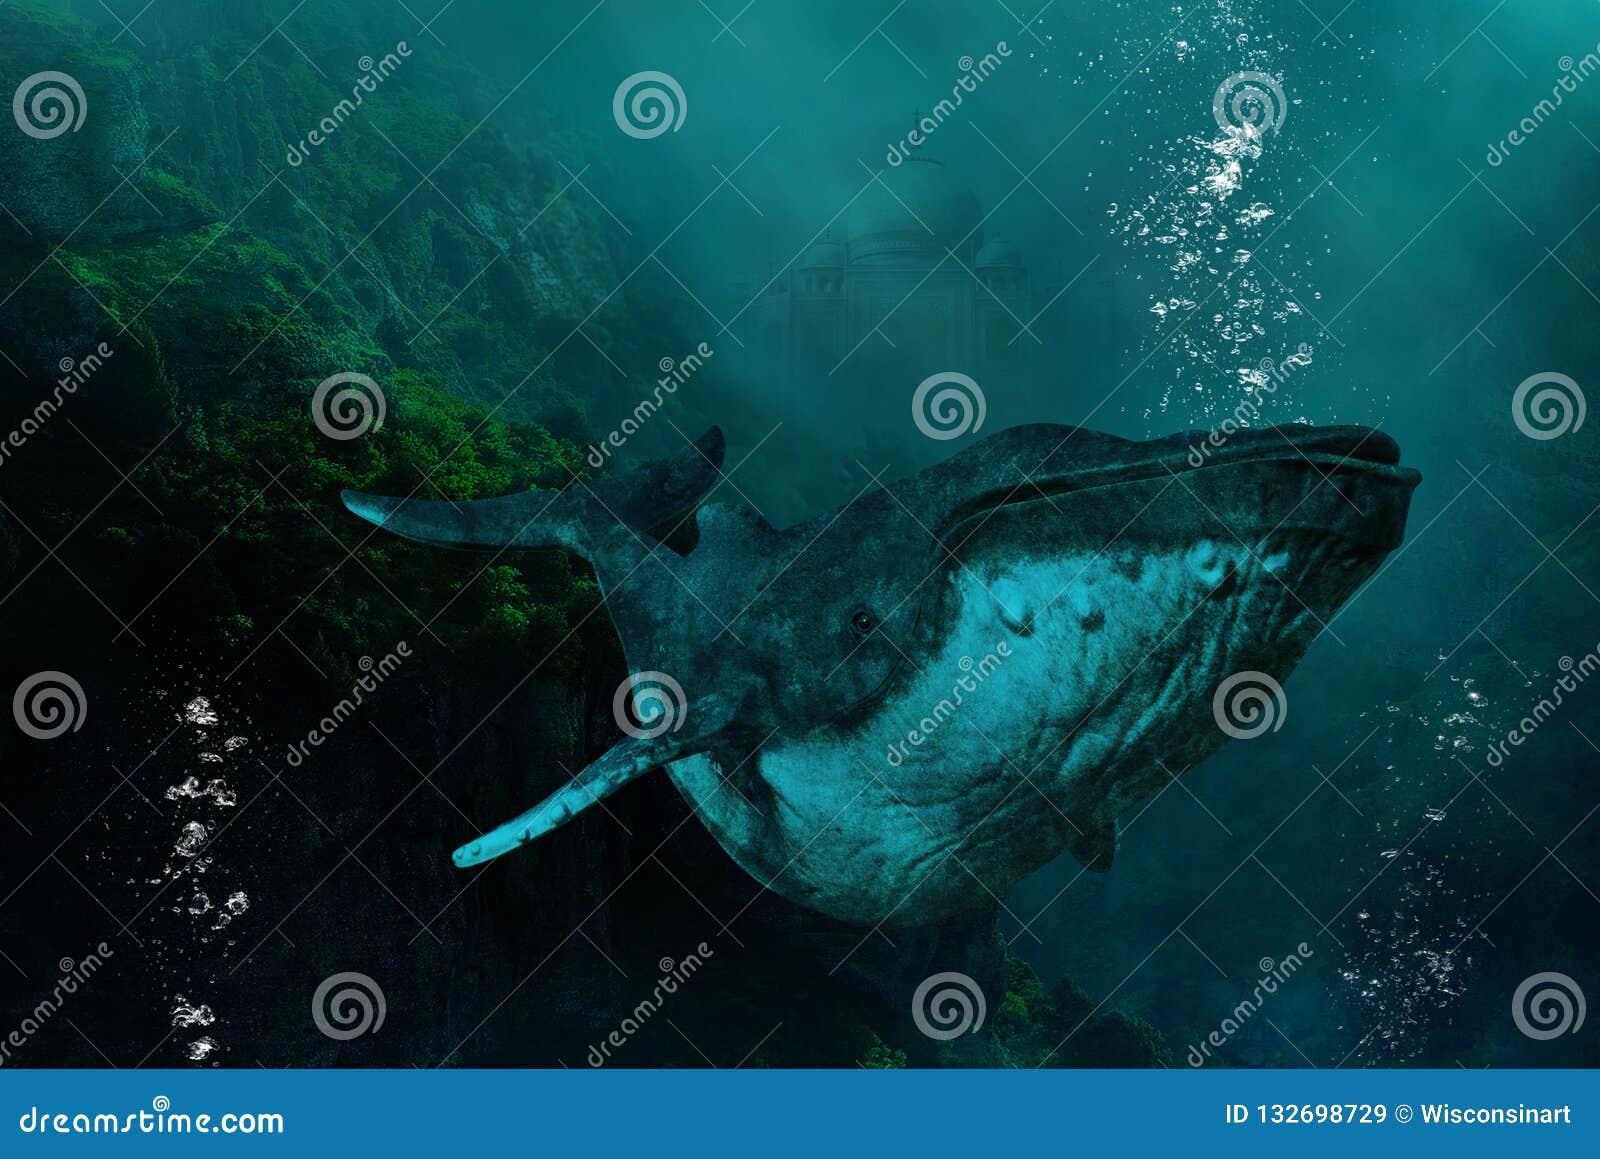 Ballena jorobada submarina surrealista, naturaleza